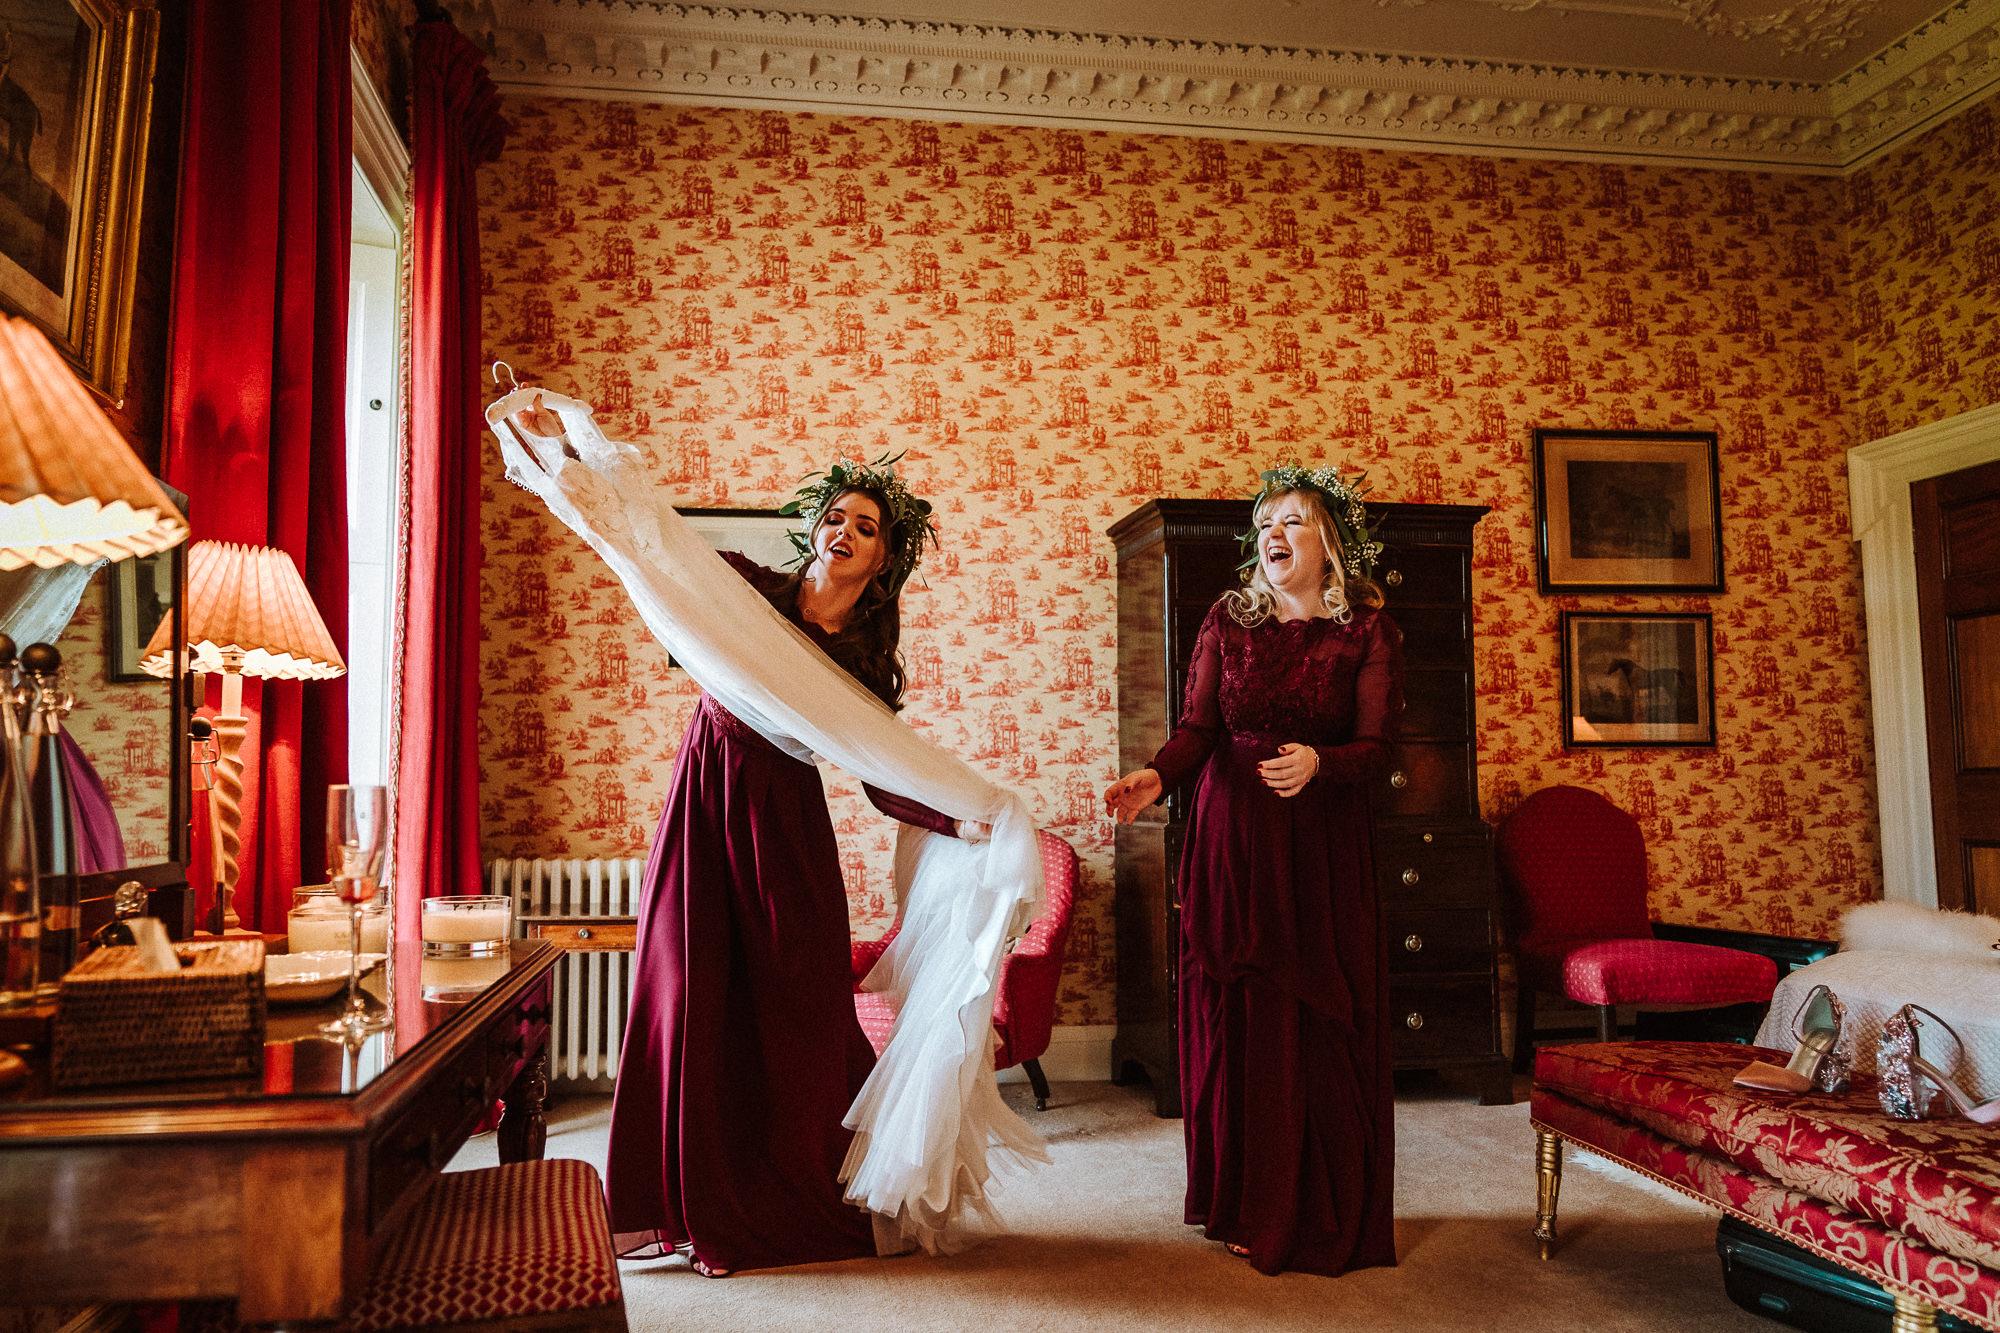 bridesmaids carrying wedding dress